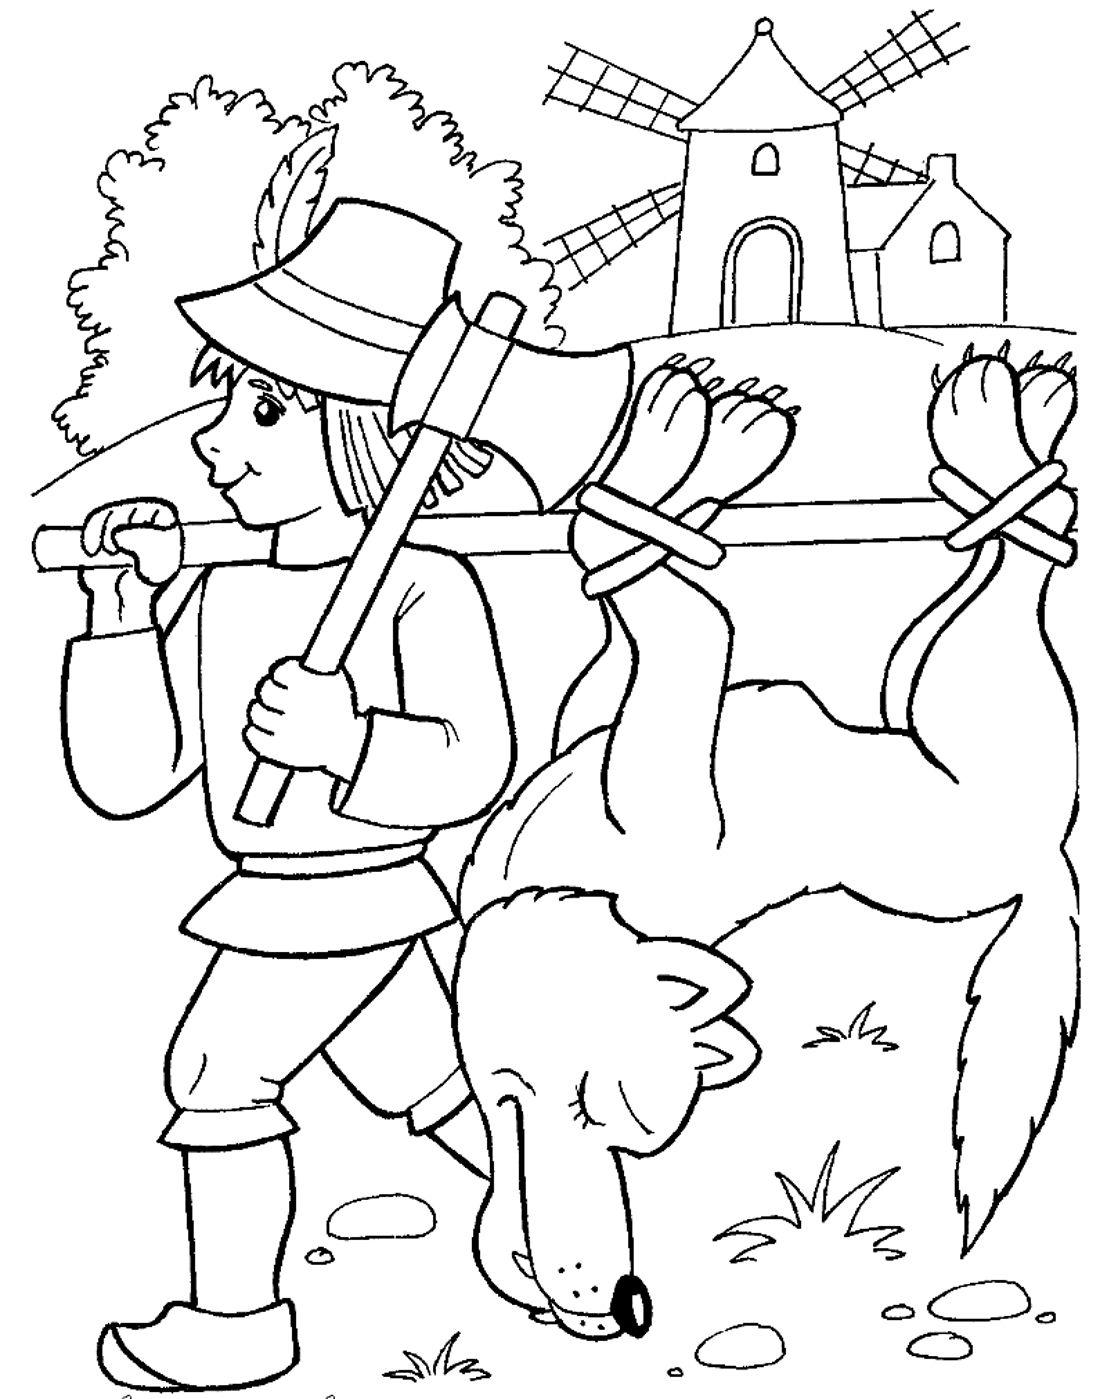 Раскраски по сказке Красная Шапочка: распечатать или ...